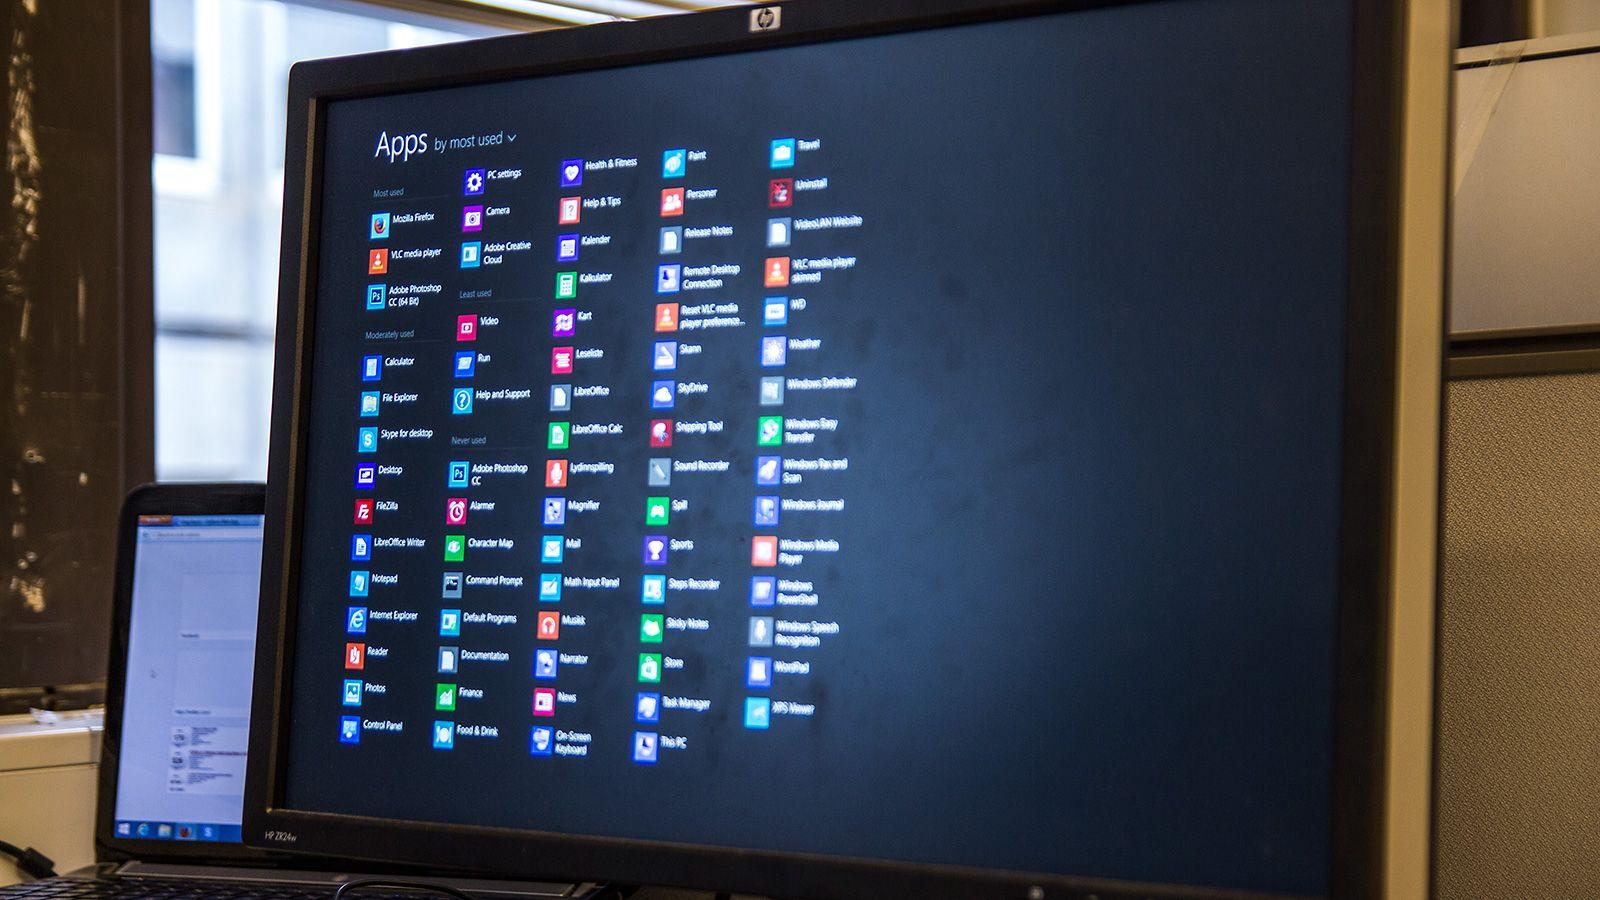 En skikkelig ansiktløftet startskjerm, og en App-skjerm som går an å finne, er bare noen av mange små endringer i Windows 8.1.Foto: Varg Aamo, Hardware.no